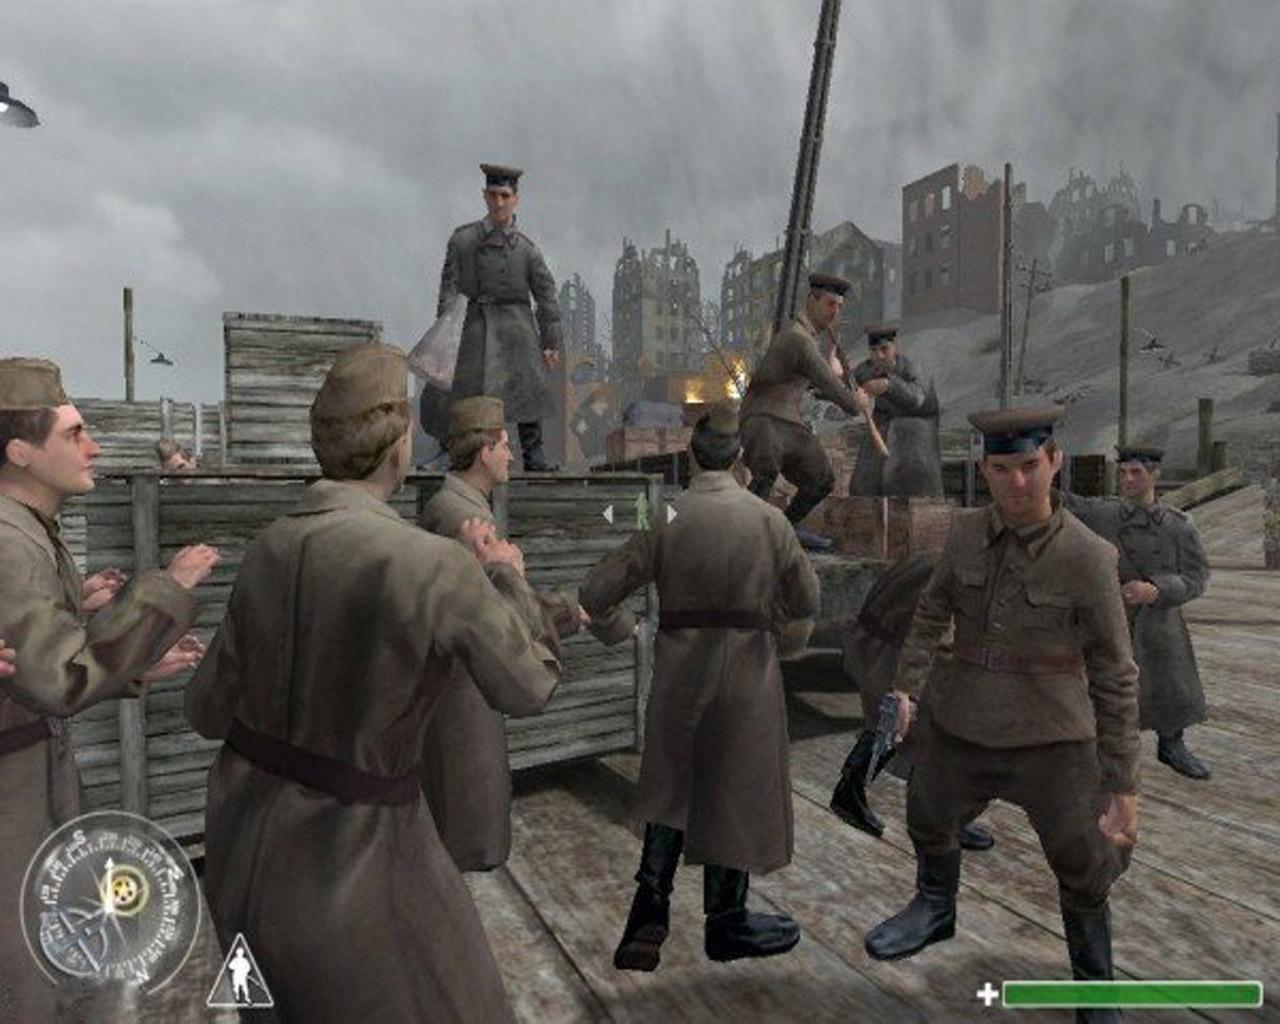 https://en.wikipedia.org/wiki/Call_of_Duty_2